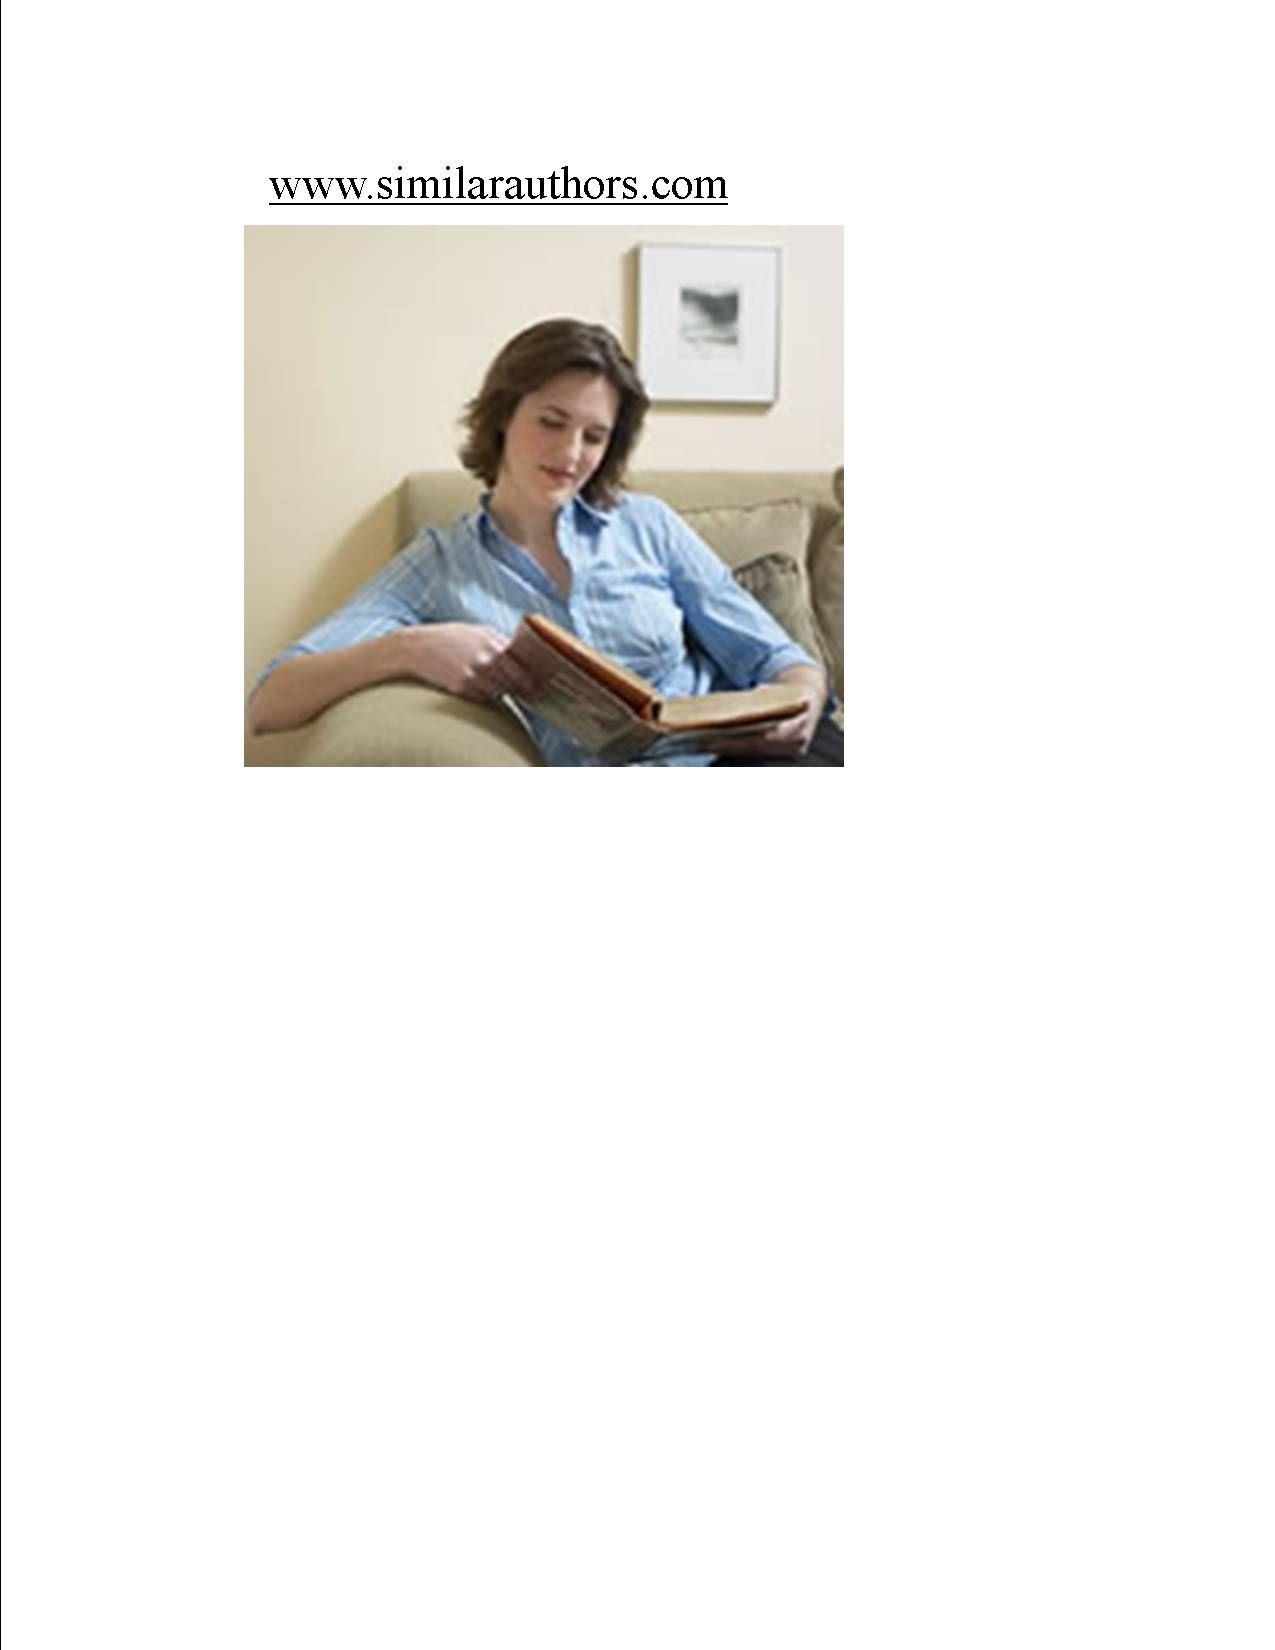 www.similarauthors.com